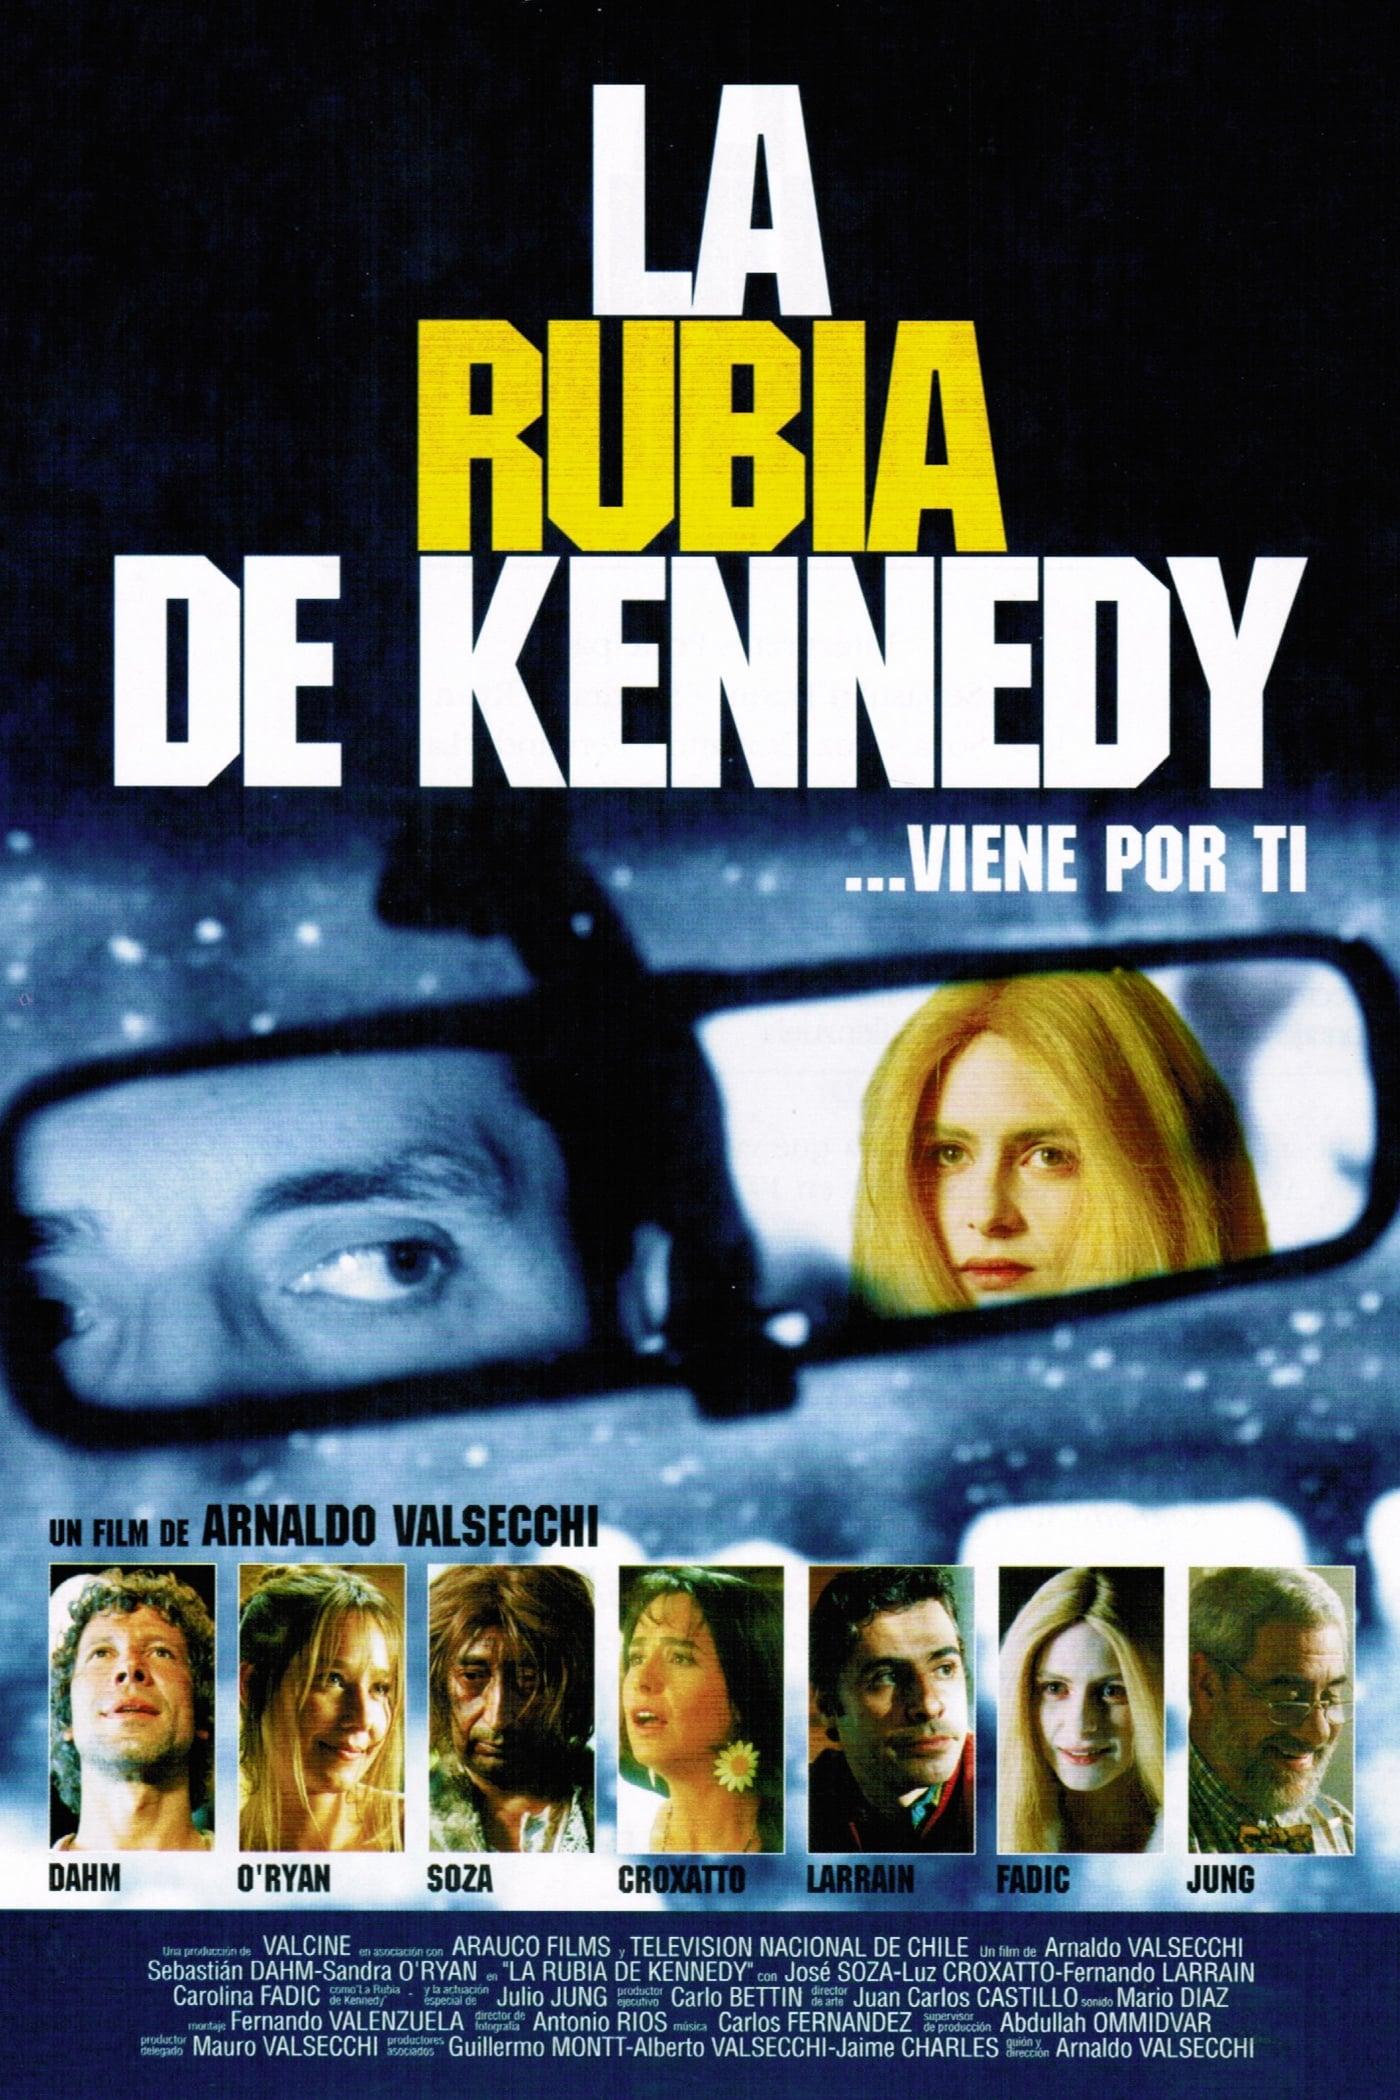 La rubia de Kennedy